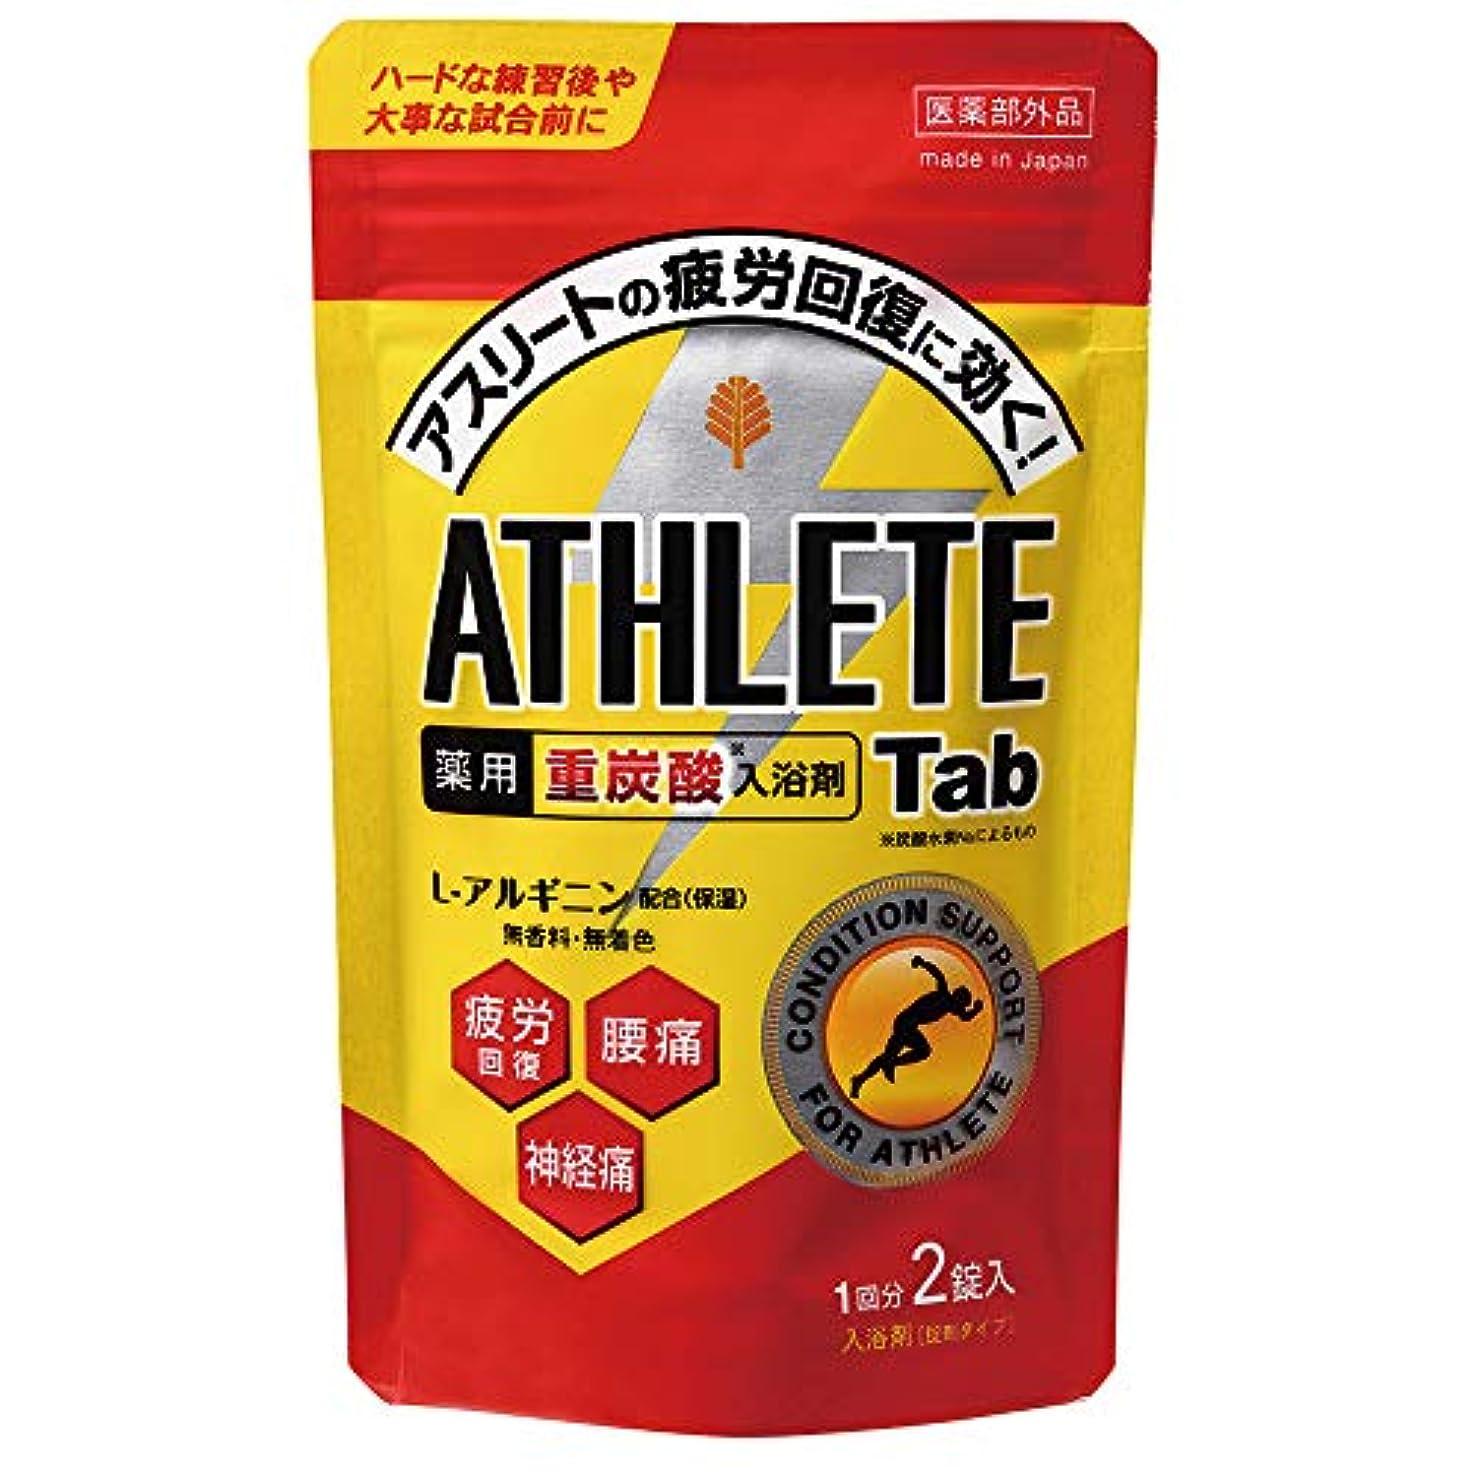 農奴マウンド早い日本製 made in japan 薬用 ATHLETE Tab2錠x1パック BT-8572 【まとめ買い12個セット】